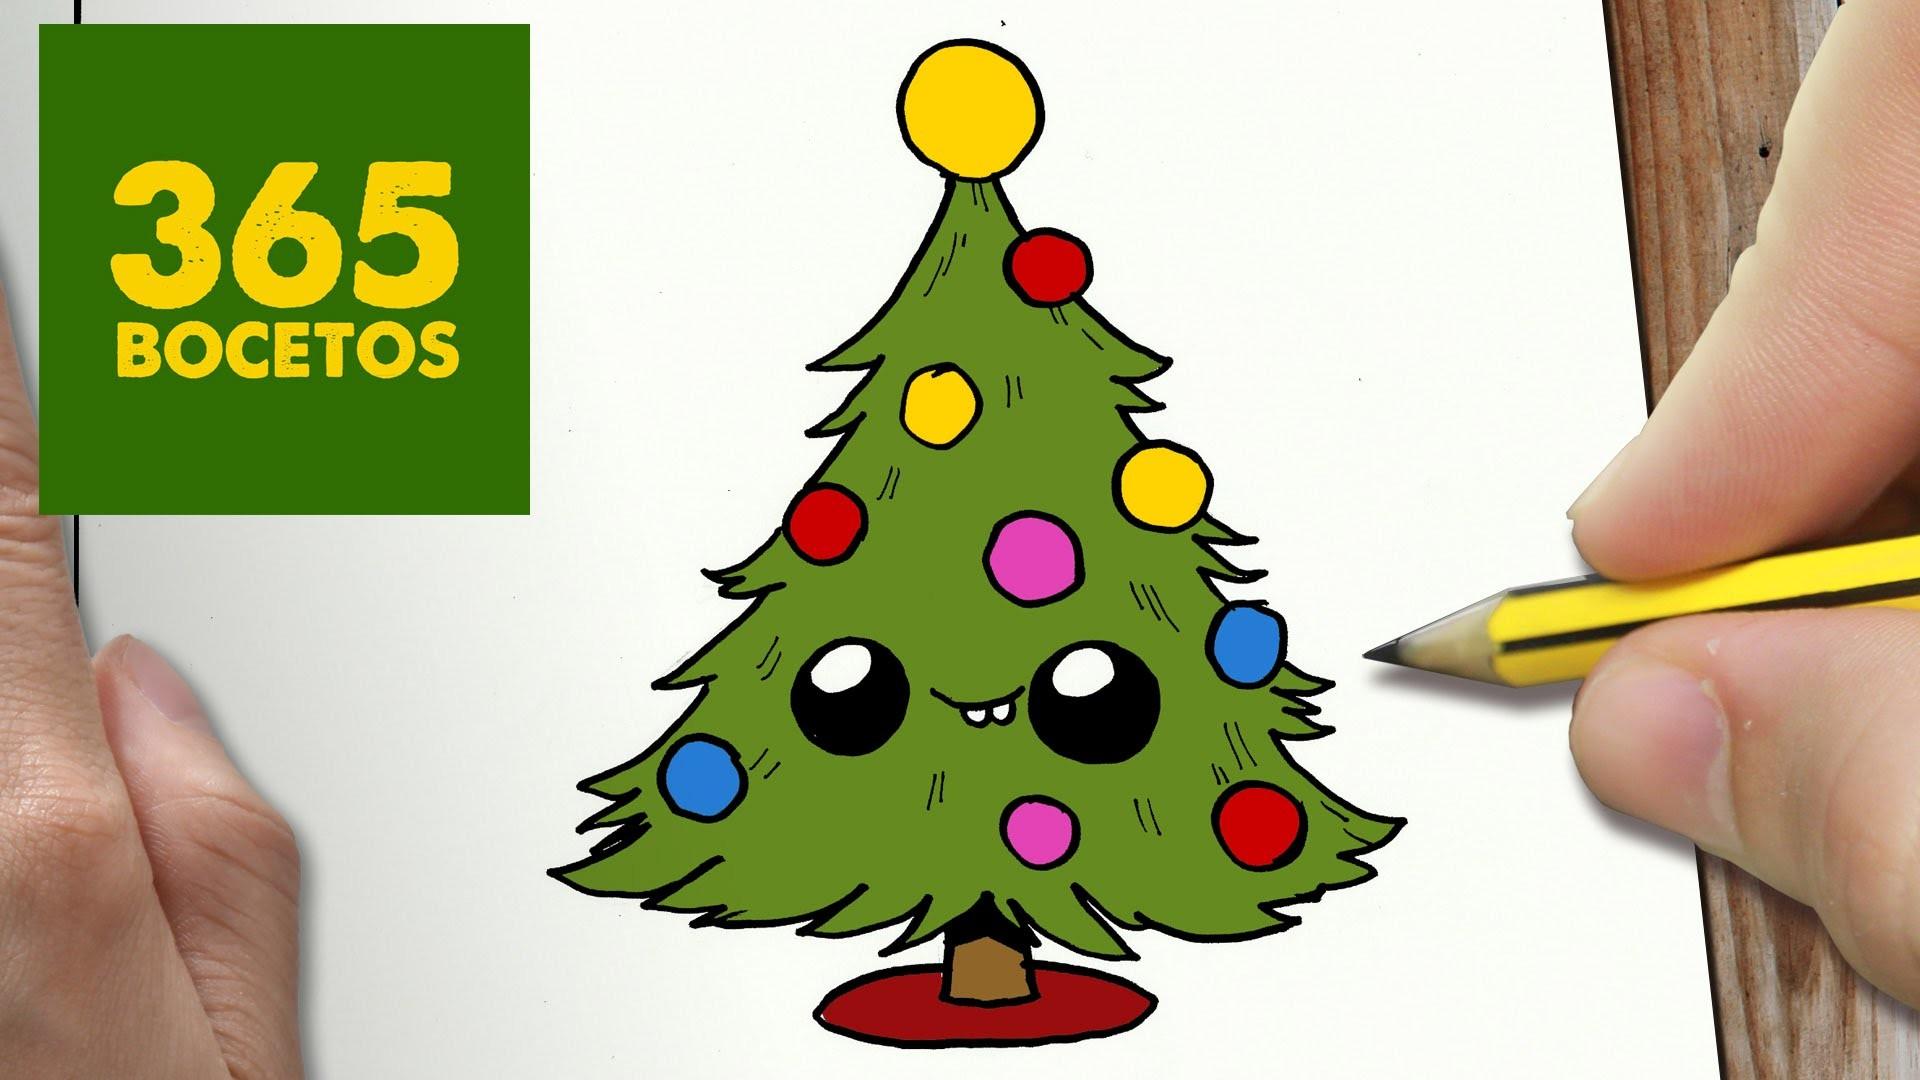 Como dibujar arbol navidad kawaii paso a paso dibujos - Arboles de navidad imagenes ...